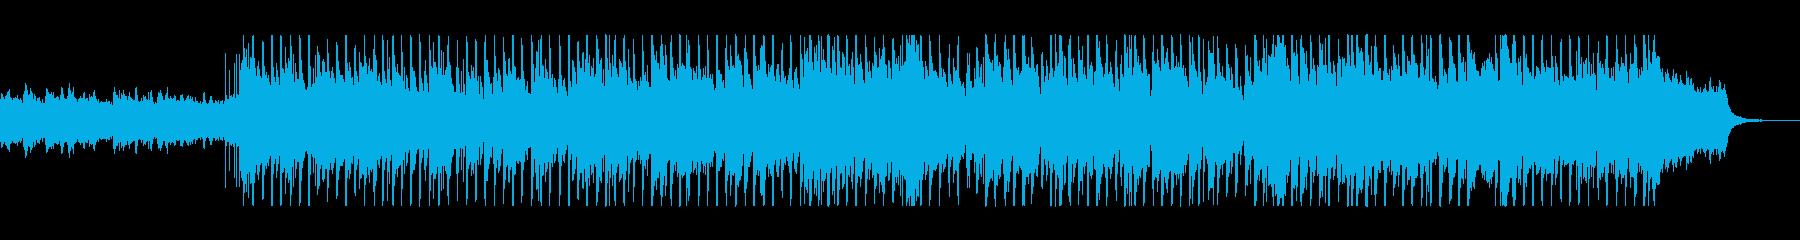 オープニングにぴったりのクリスマスBGMの再生済みの波形